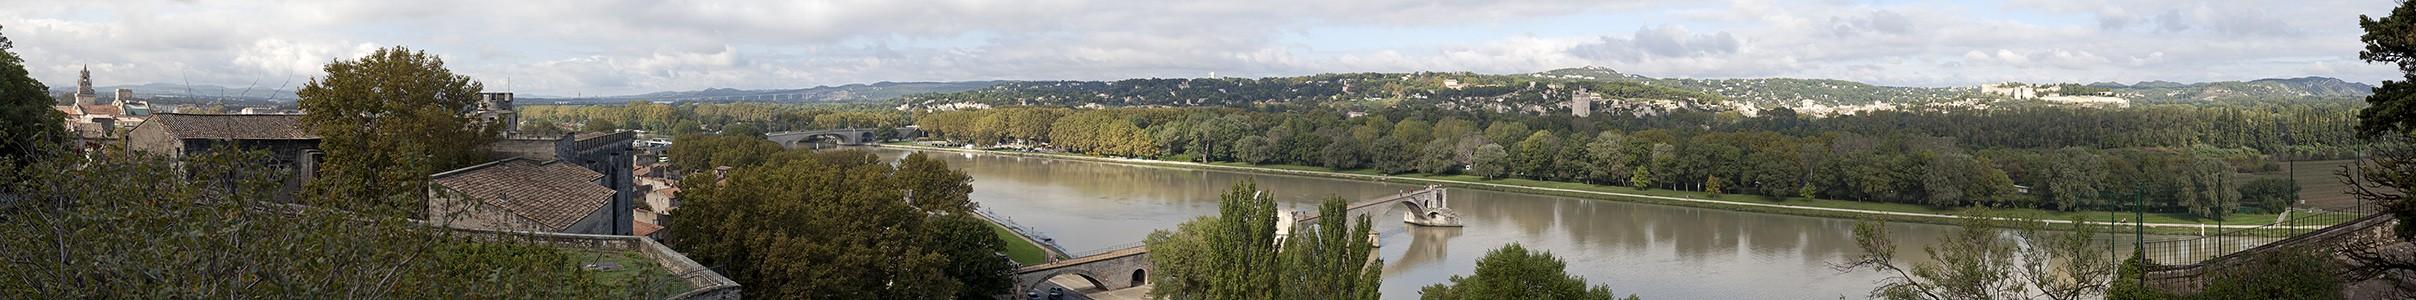 Avignon Blick vom Rocher des Doms: Rhone, Île de la Barthelasse Pont Saint-Bénézet